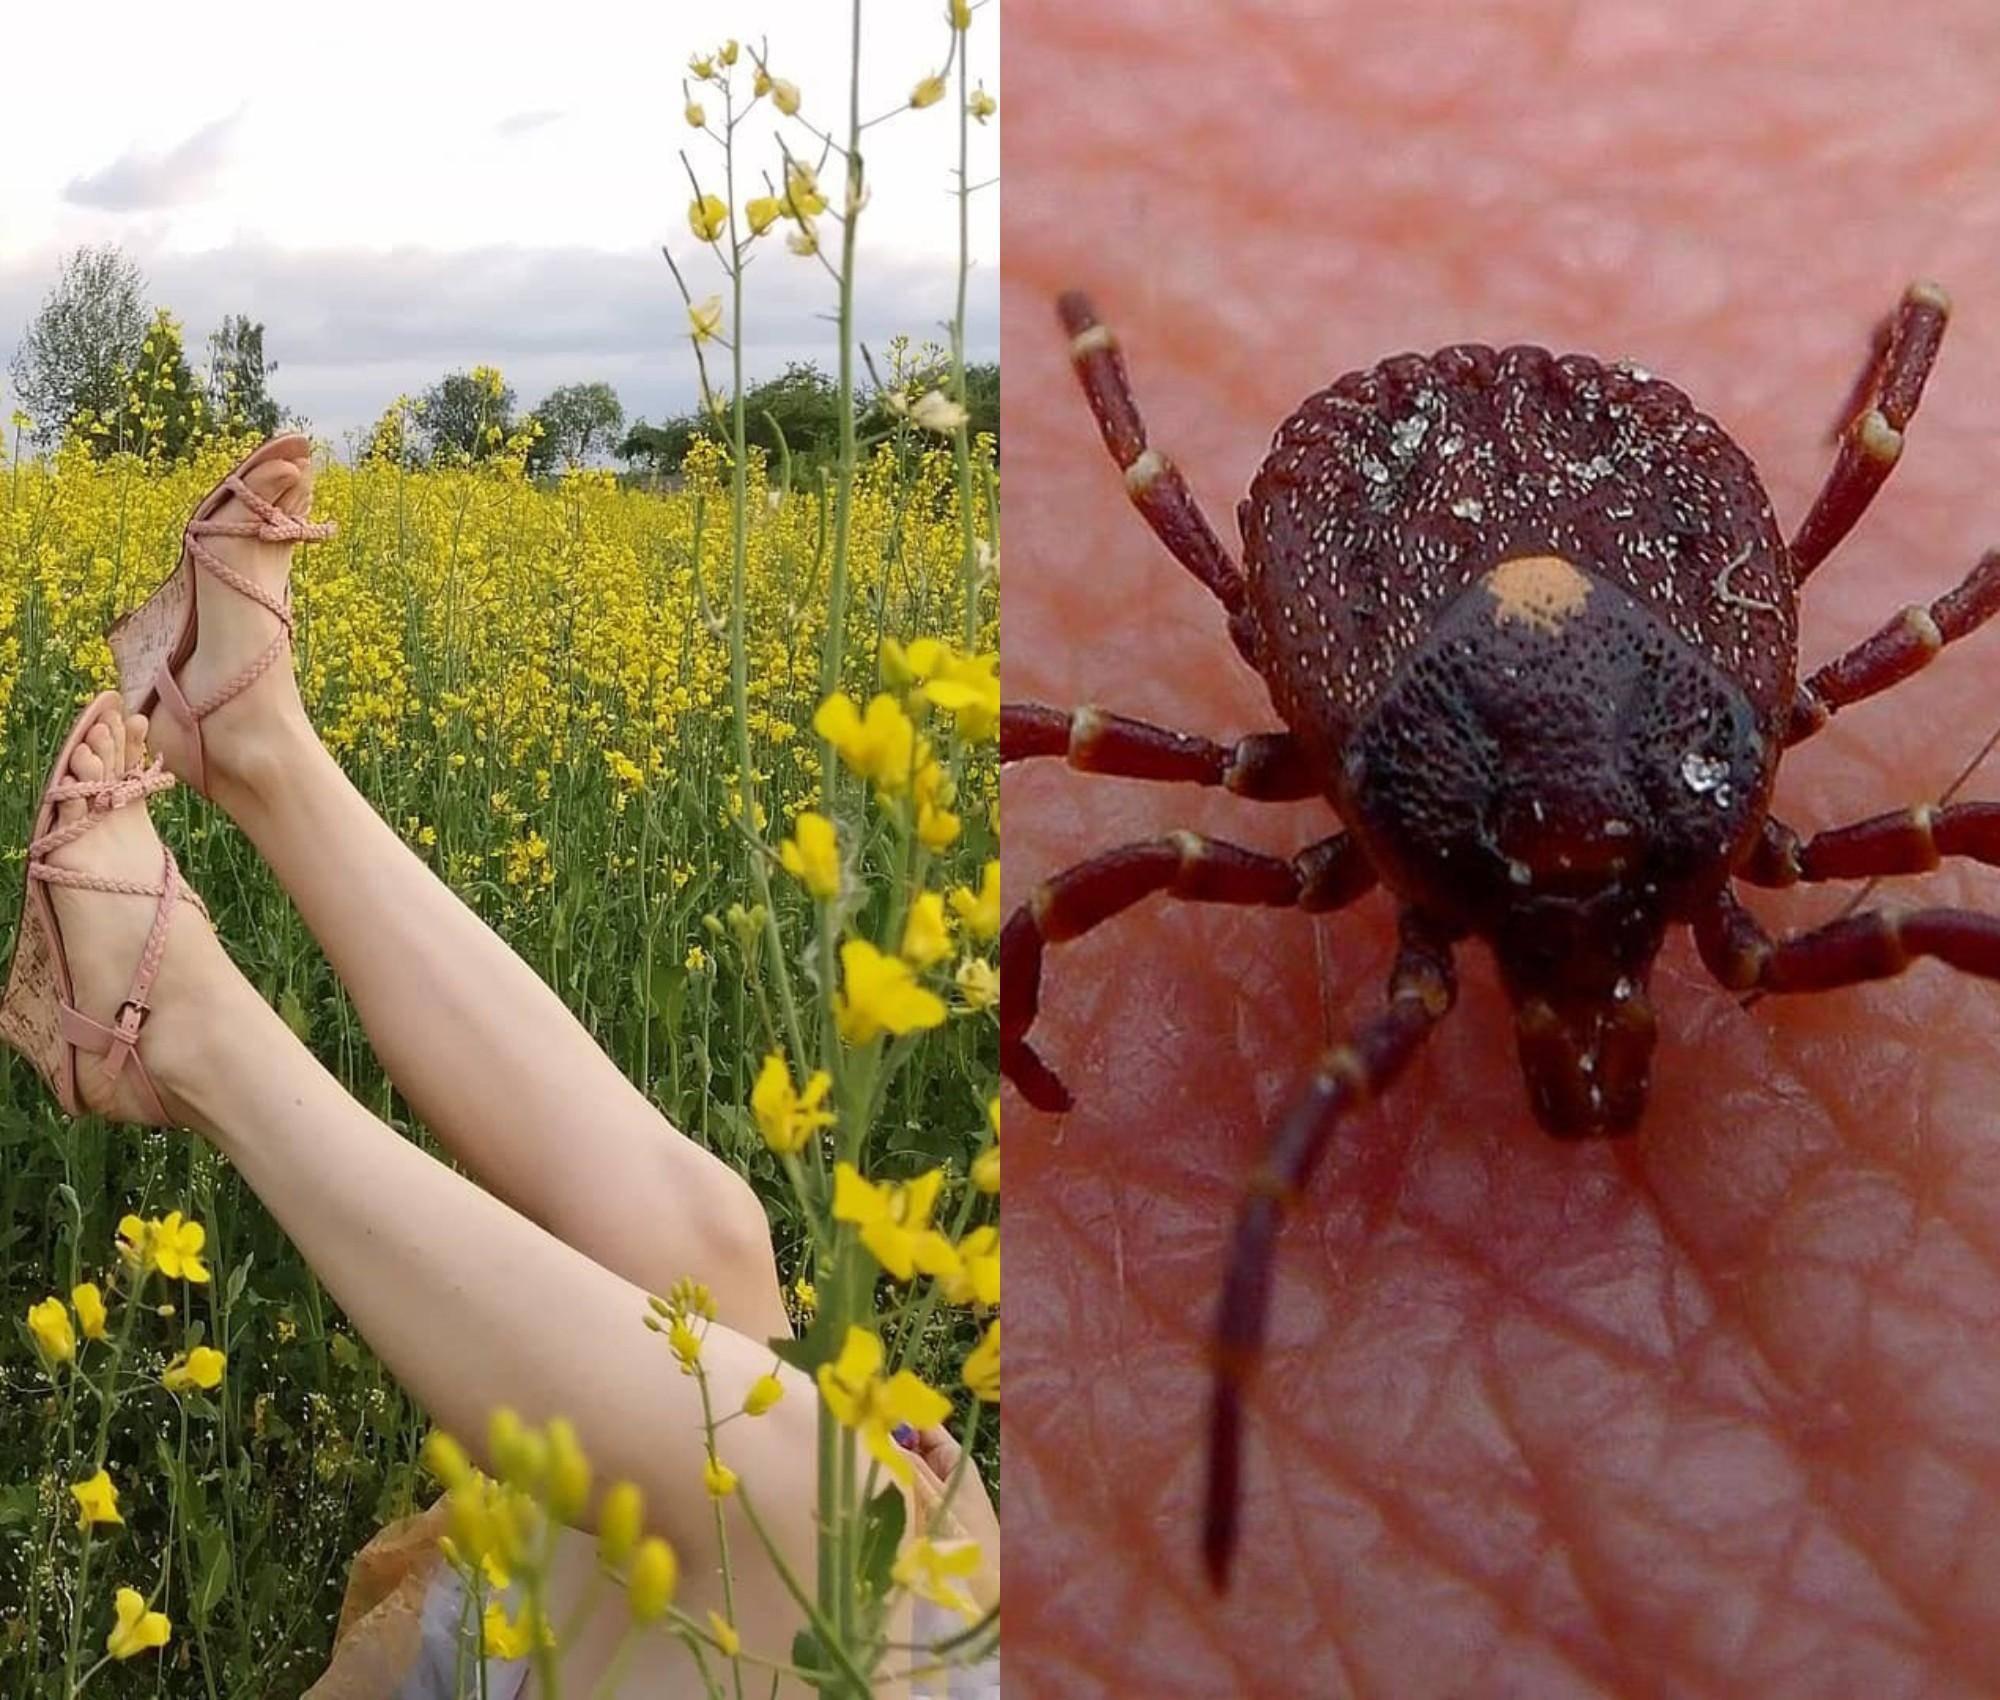 Борьба с паутинным клещом: народные средства и химикаты